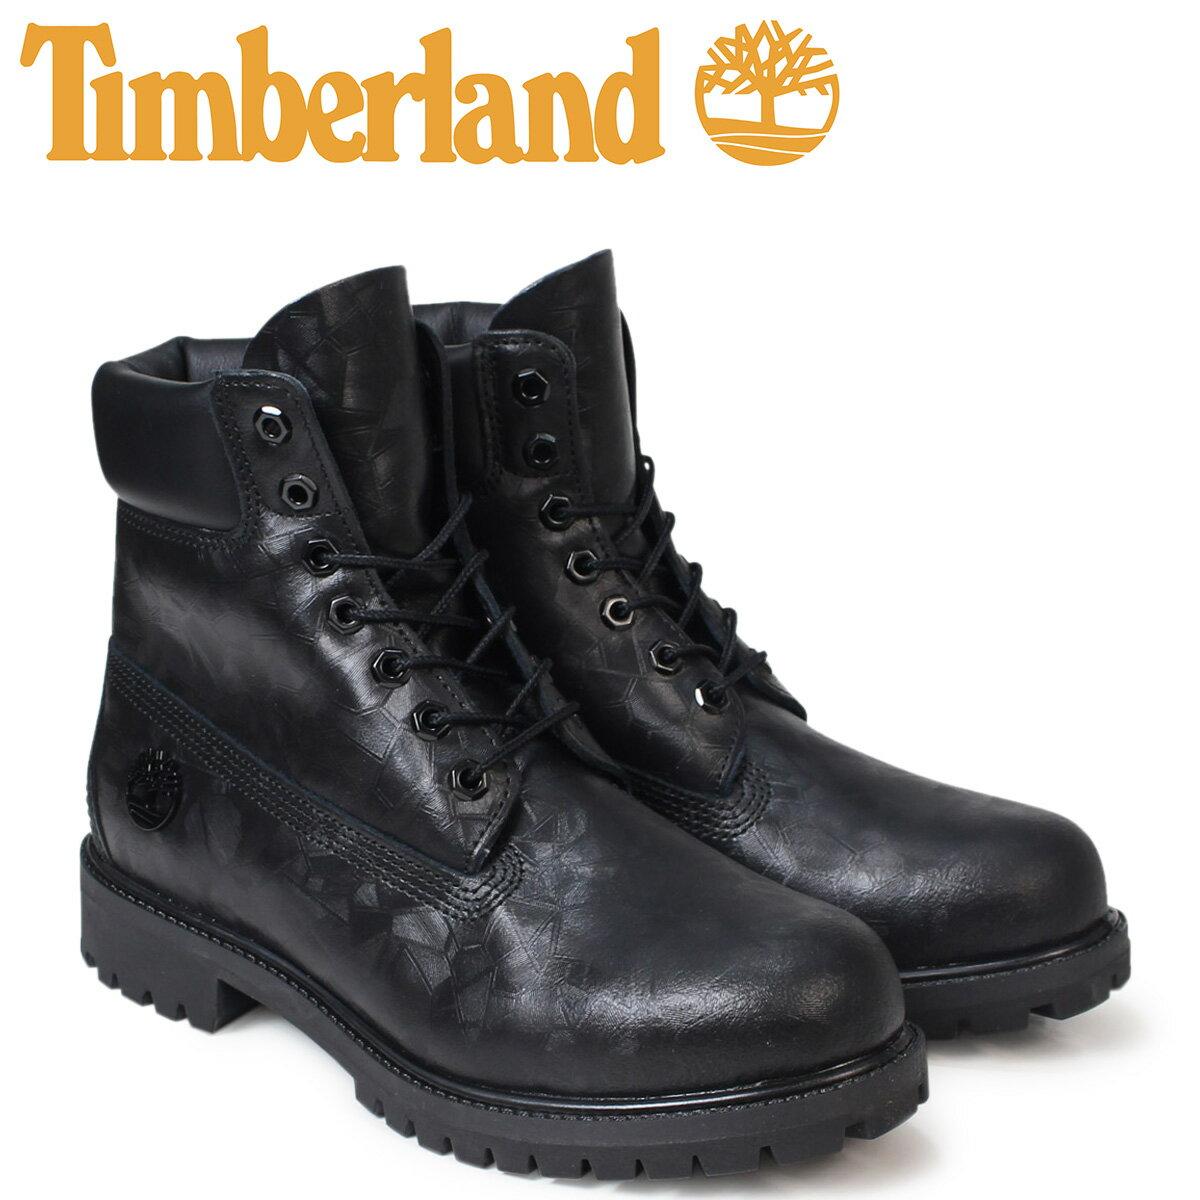 Timberland 6インチ メンズ ティンバーランド ブーツ プレミアム 6INCHI PREMIUM BOOTS A1JD9 Wワイズ 防水 ブラック[179]